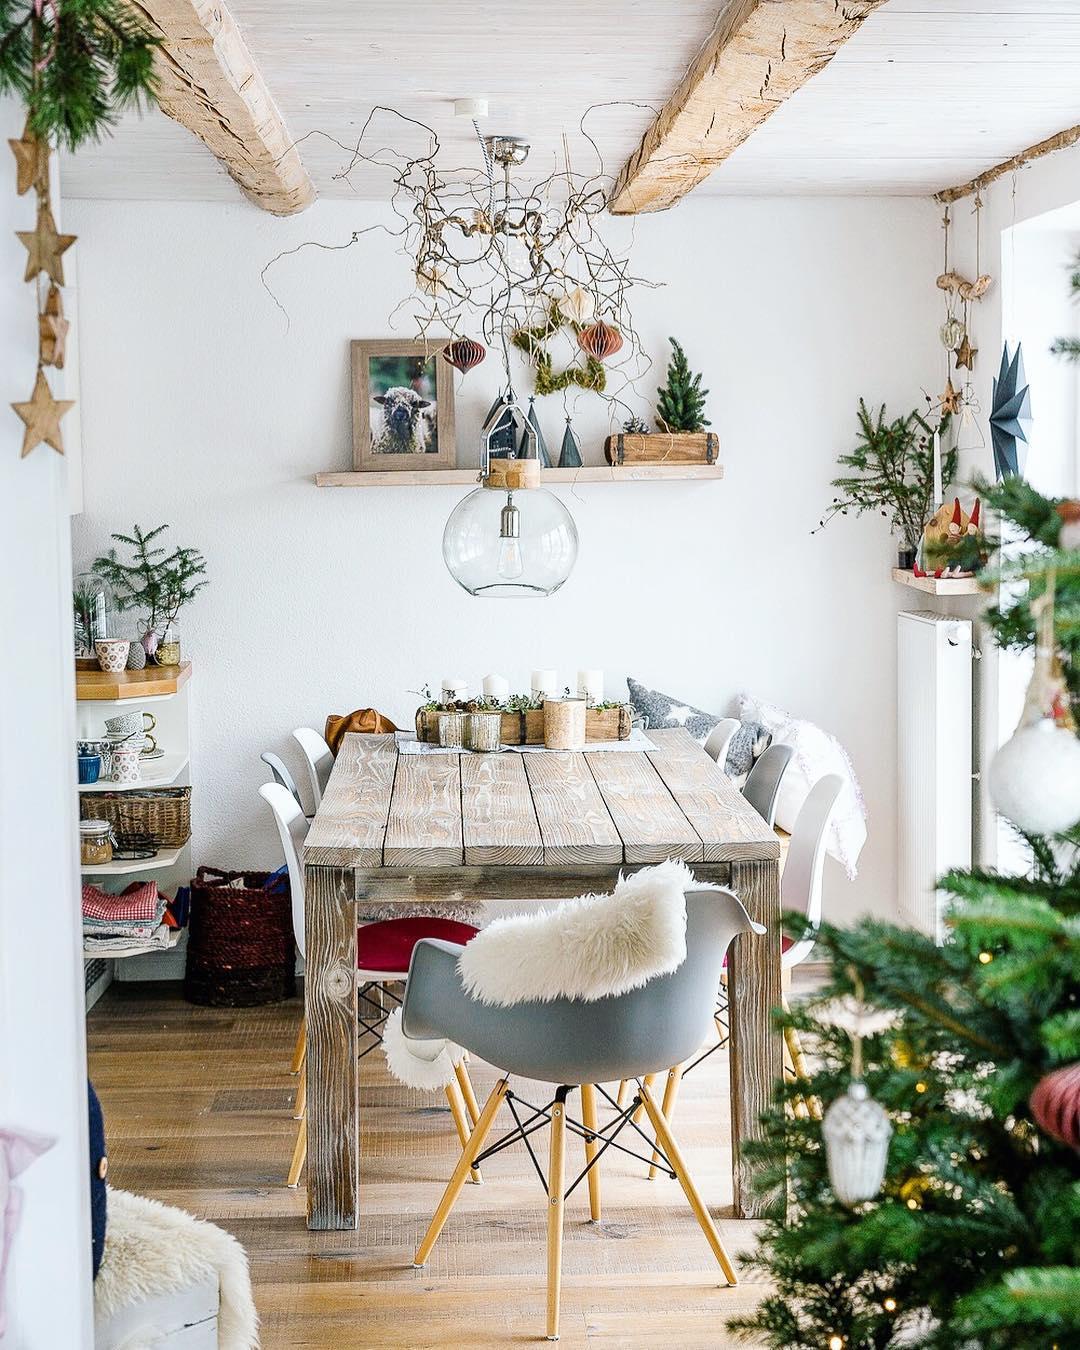 Želite osvježiti svoj životni prostor? Ikea ima veliku zimsku rasprodaju!